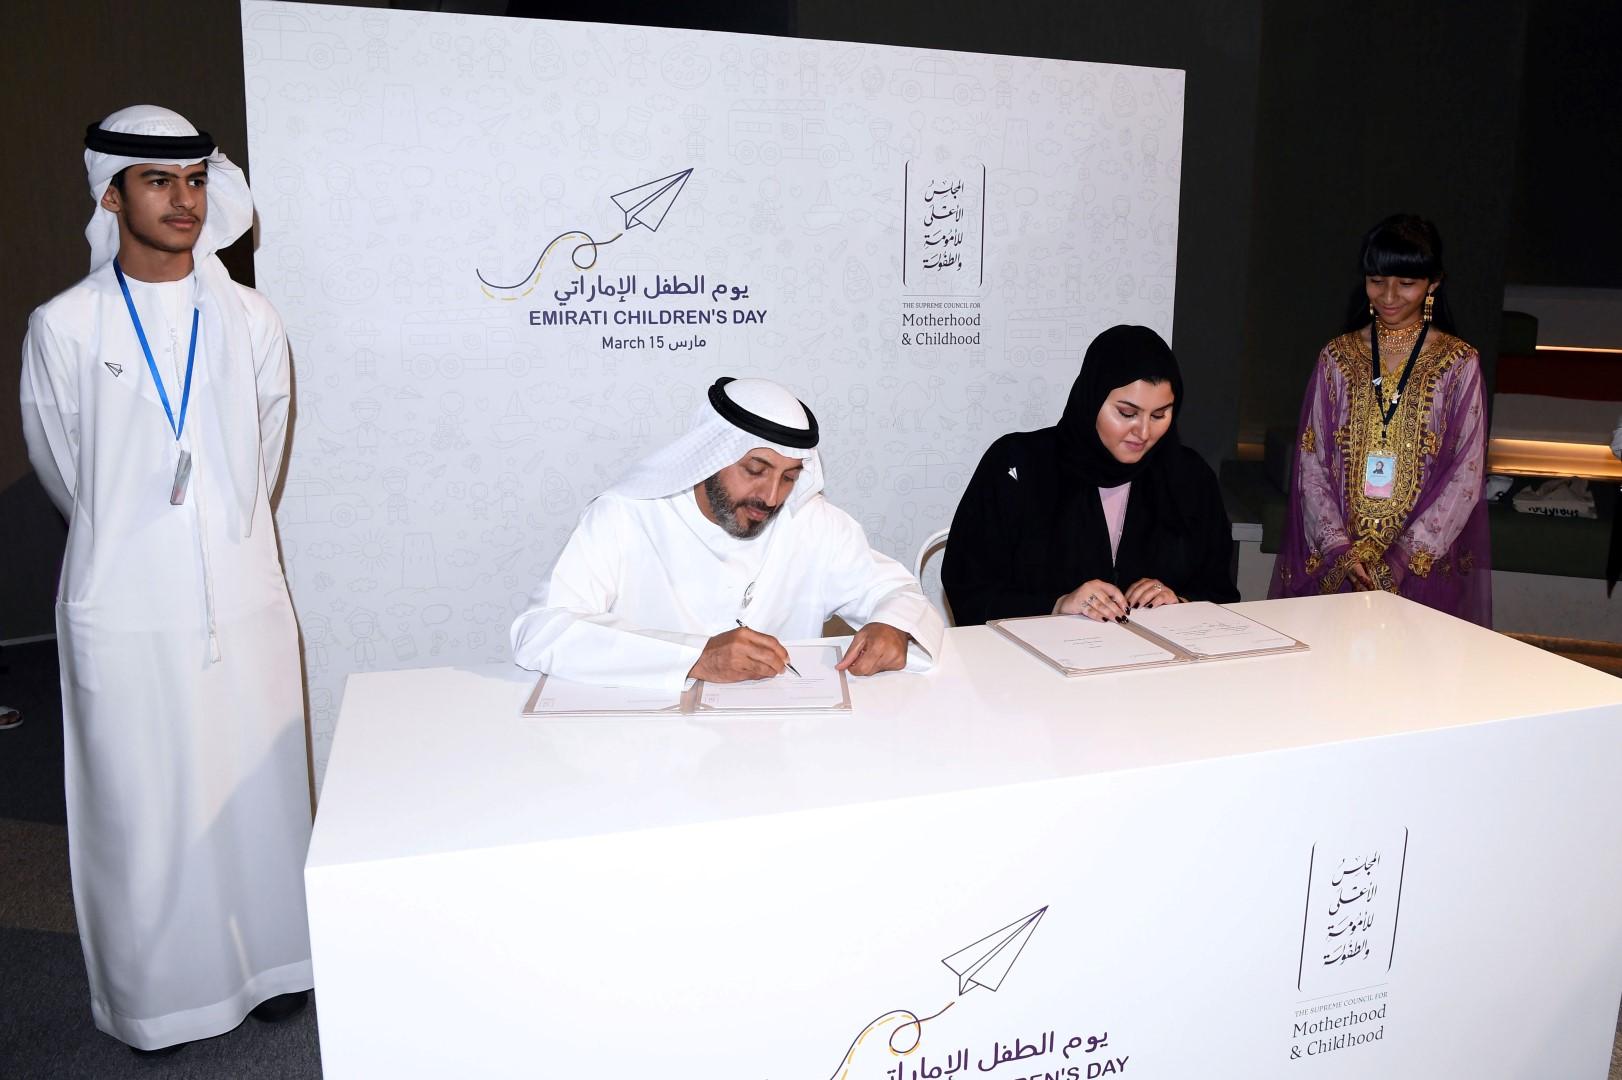 الإعلان عن إنشاء أول برلمان للطفل الإماراتي